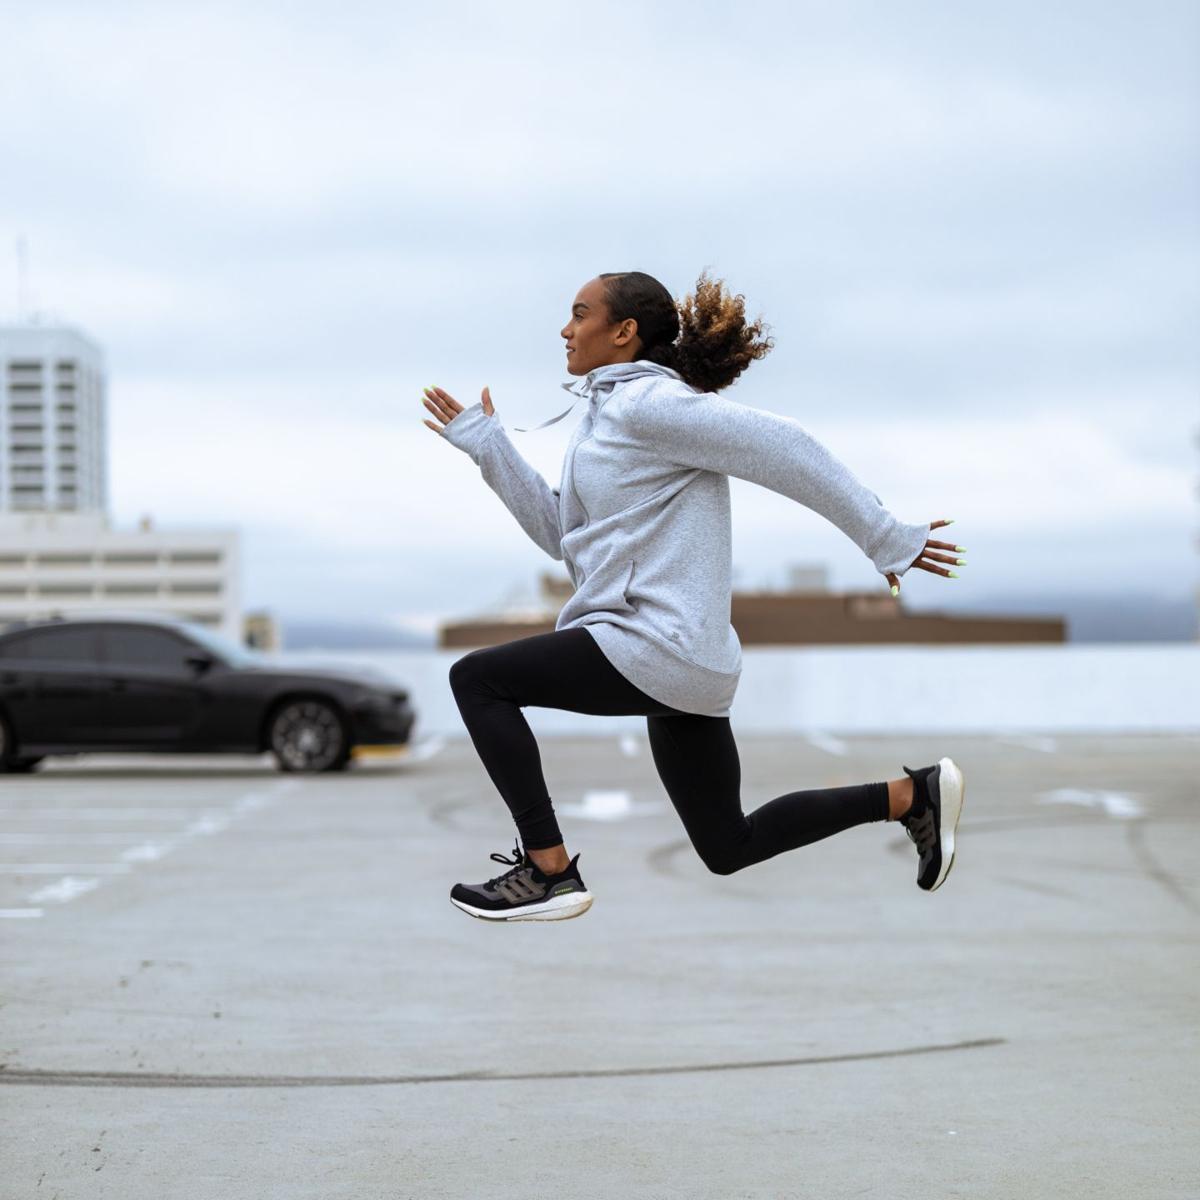 Kiana Davis jump sky